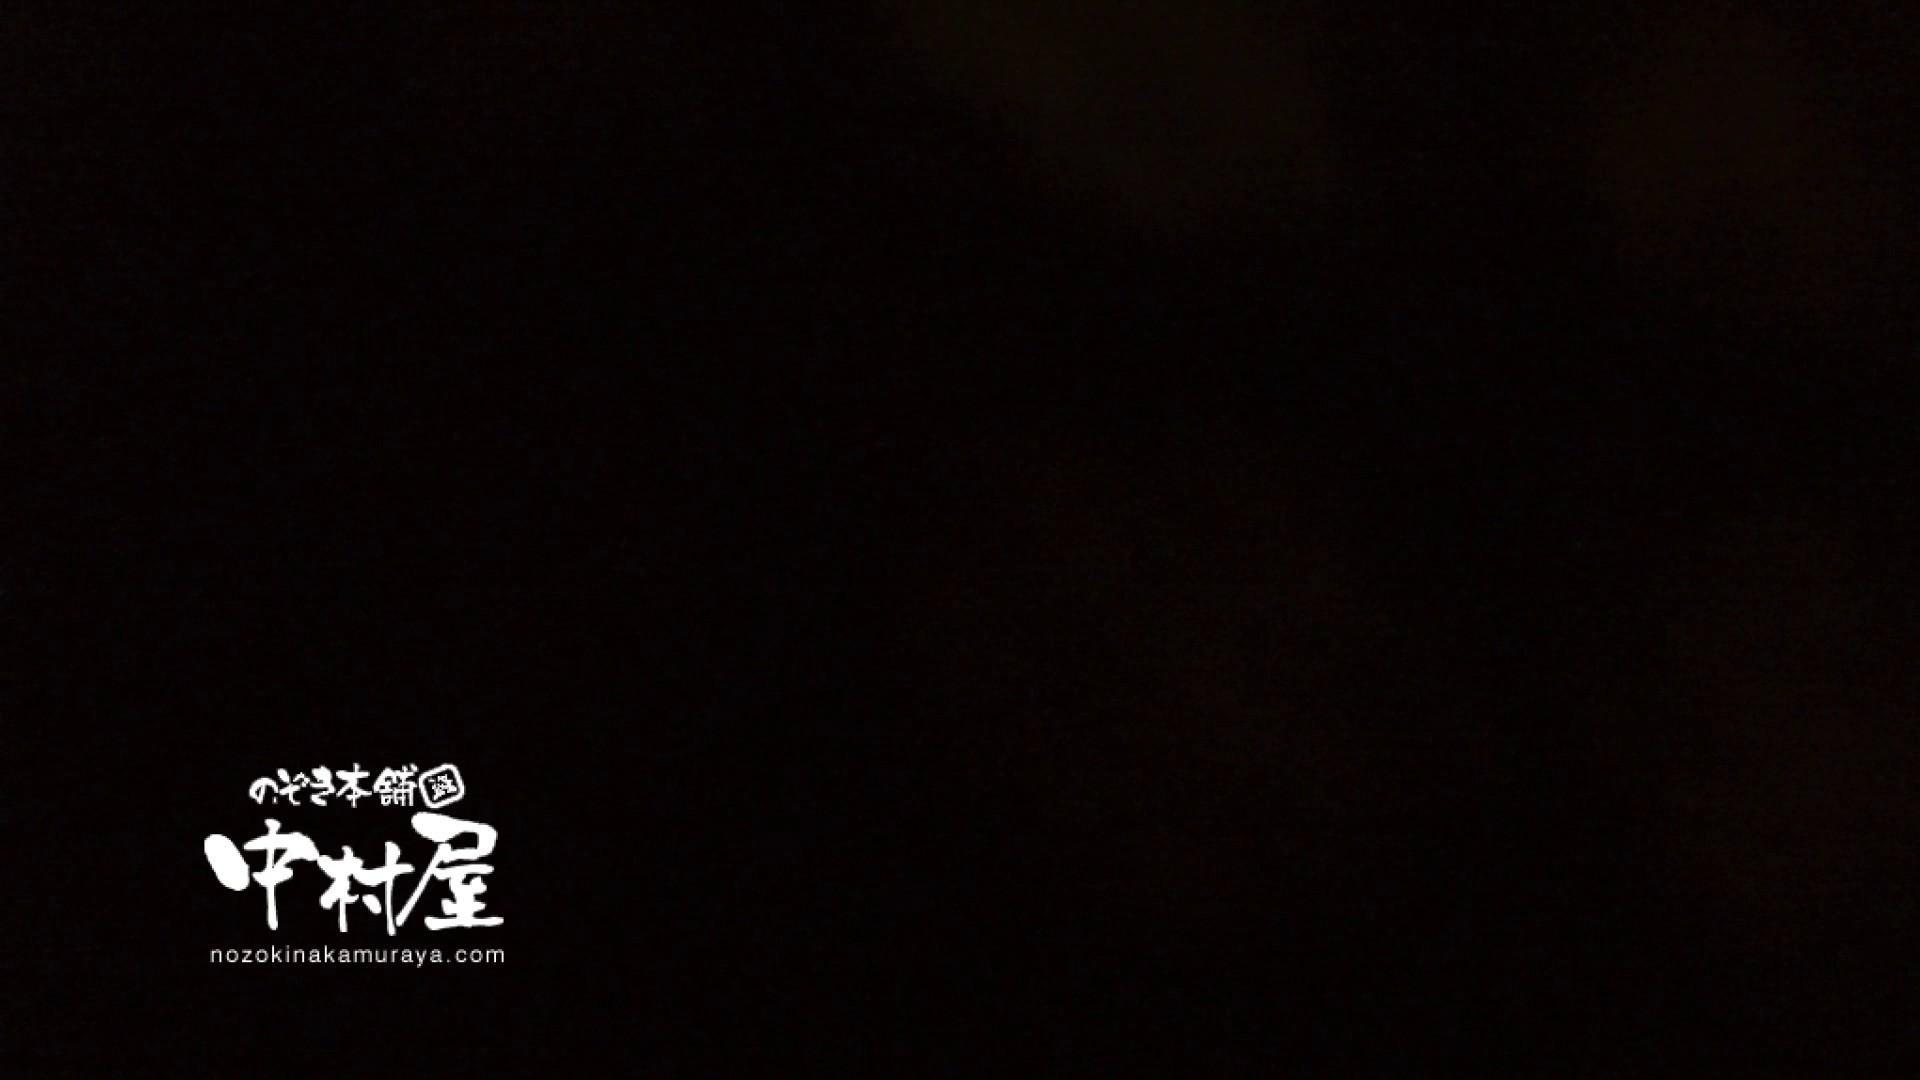 鬼畜 vol.14 小生意気なおなごにはペナルティー 後編 鬼畜 エロ無料画像 58画像 47